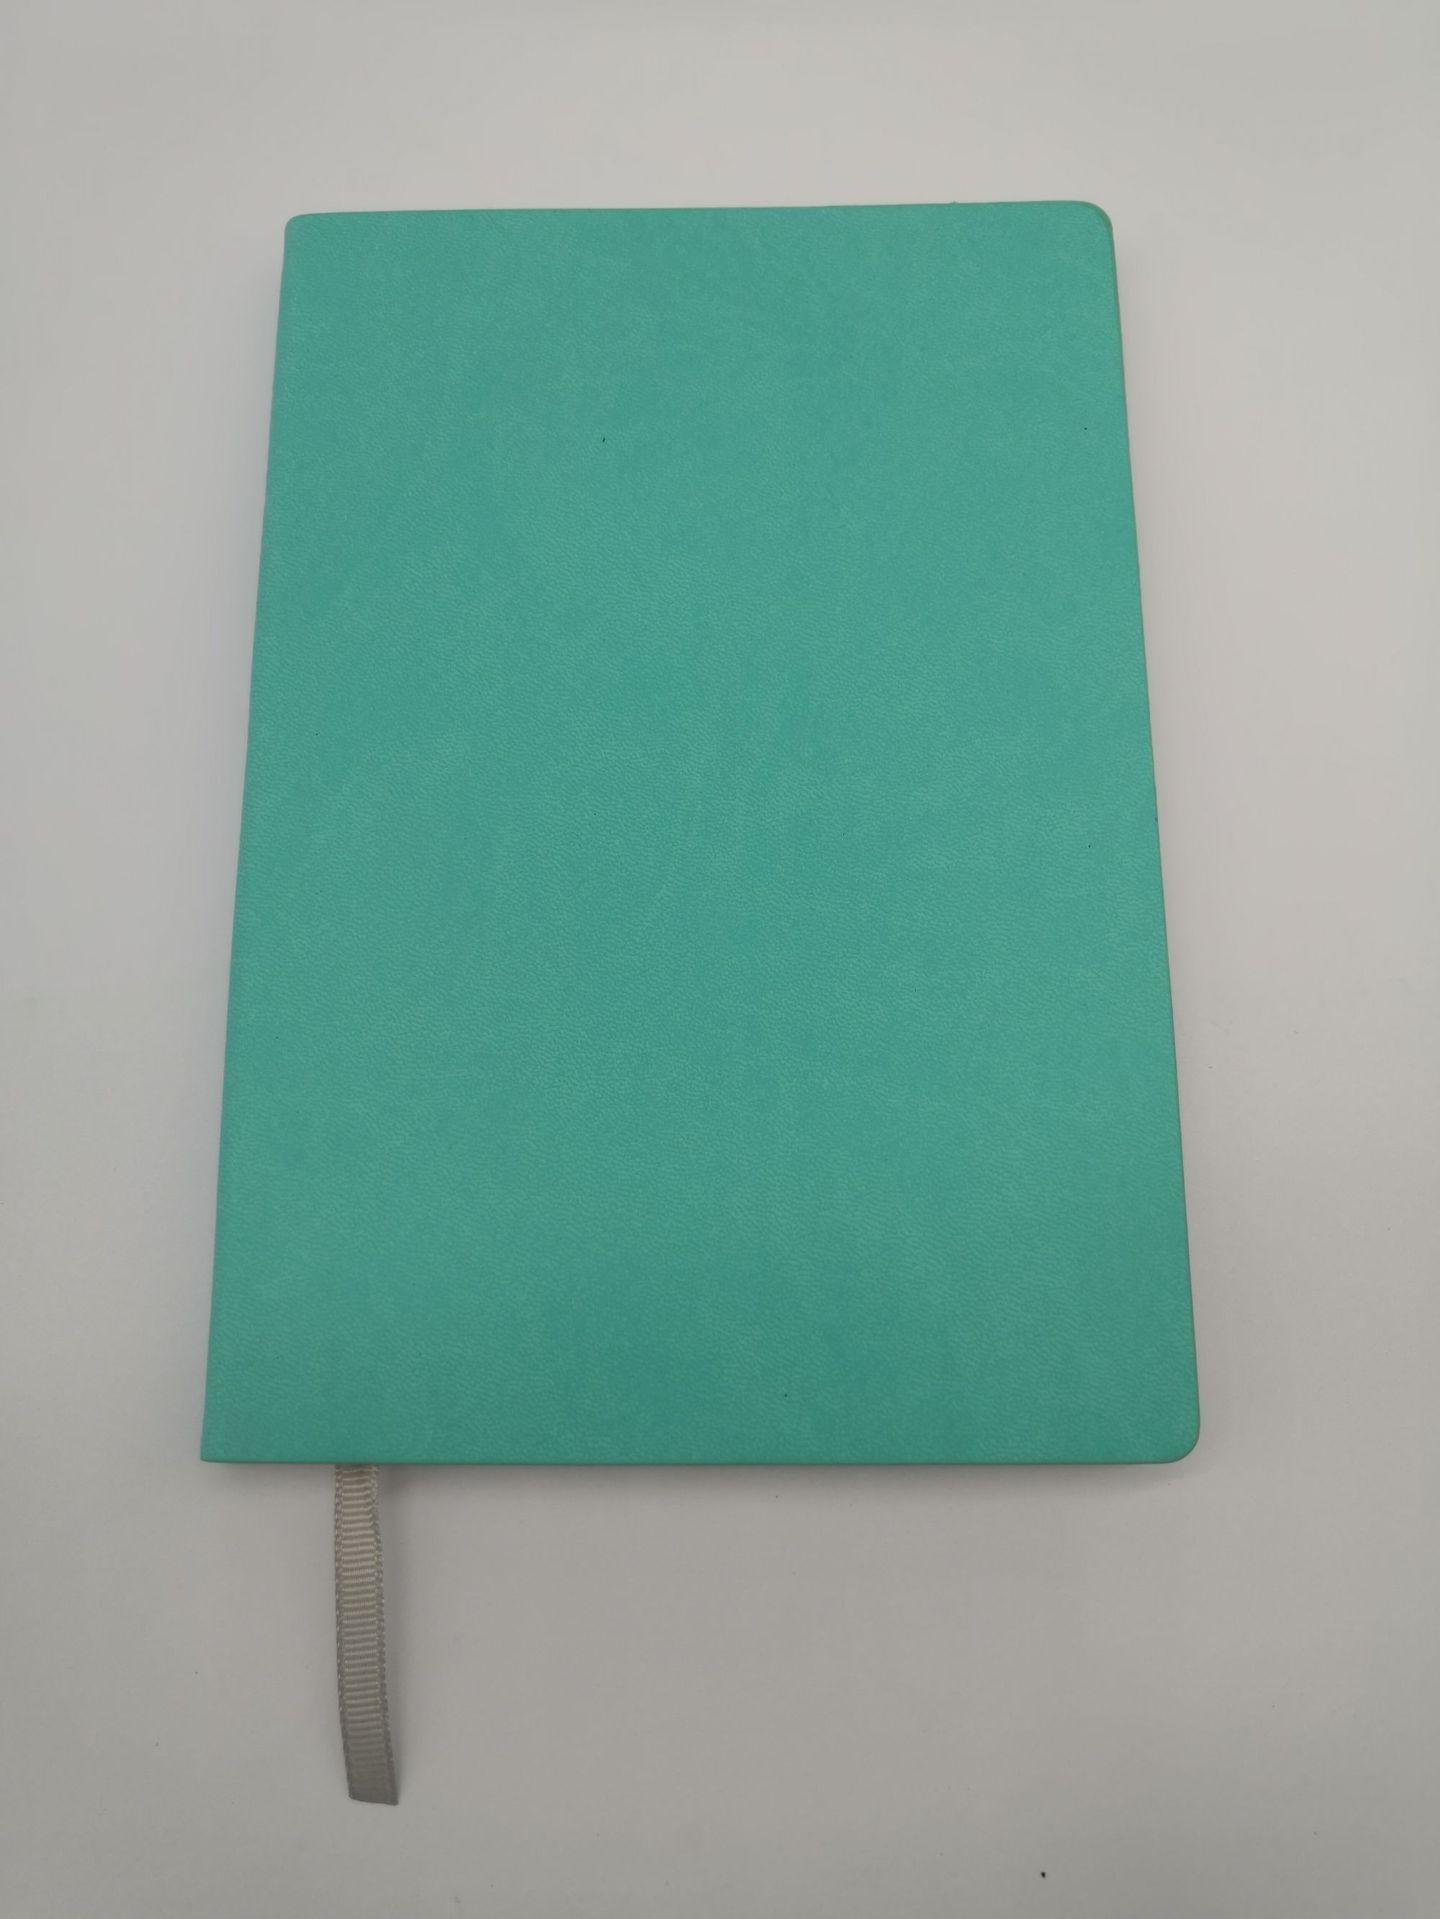 平纹变色PU系列A5软皮裱装本广告礼品本子批量定制可加印LOGO